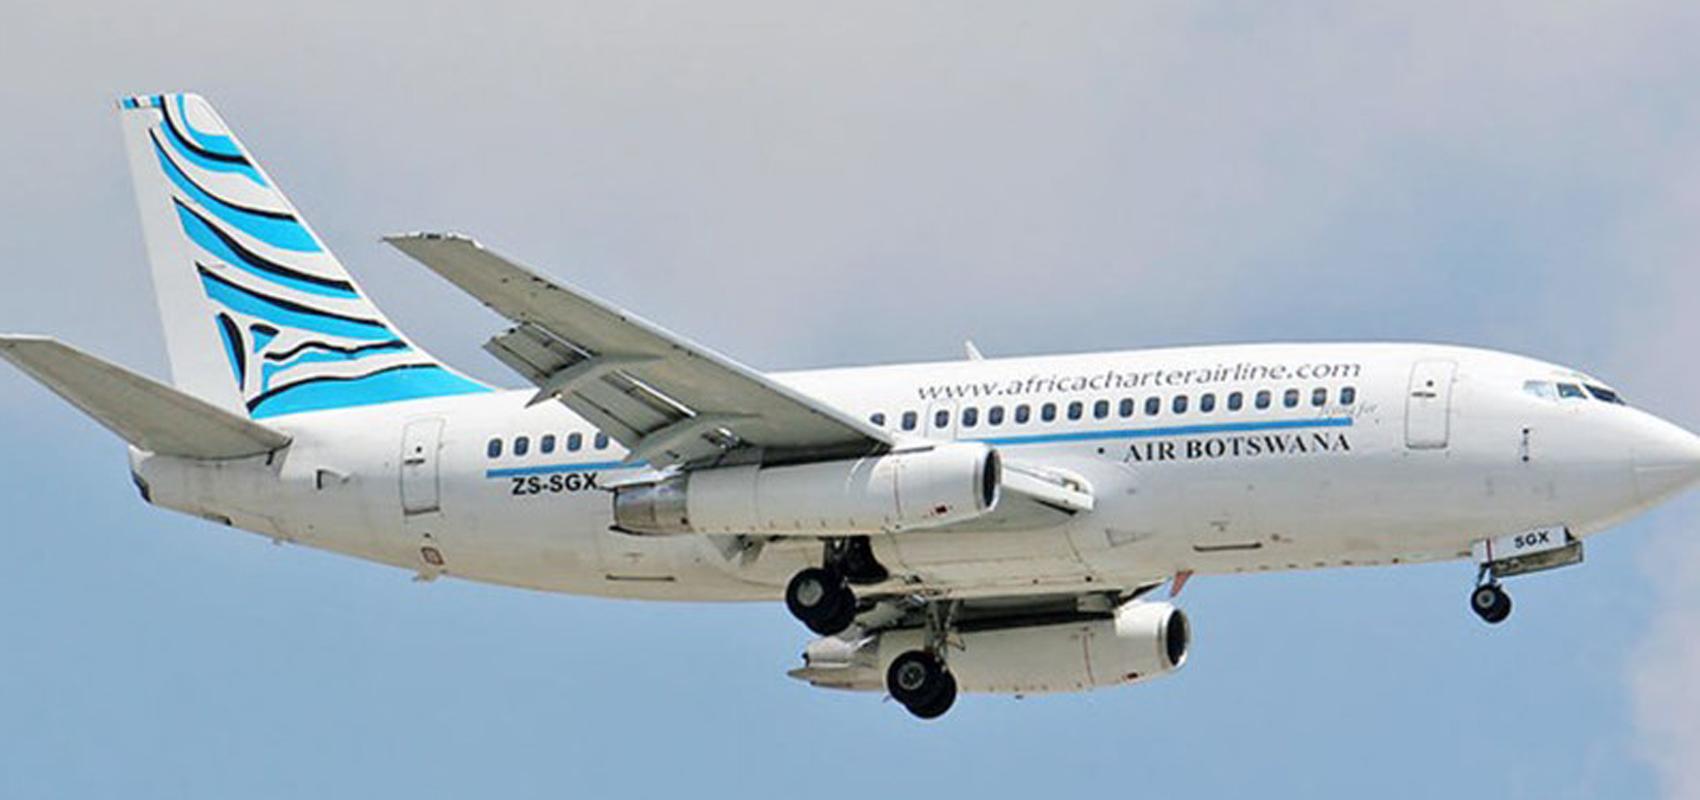 Air_Botswana_Cape-Town_Gaborone_Flights